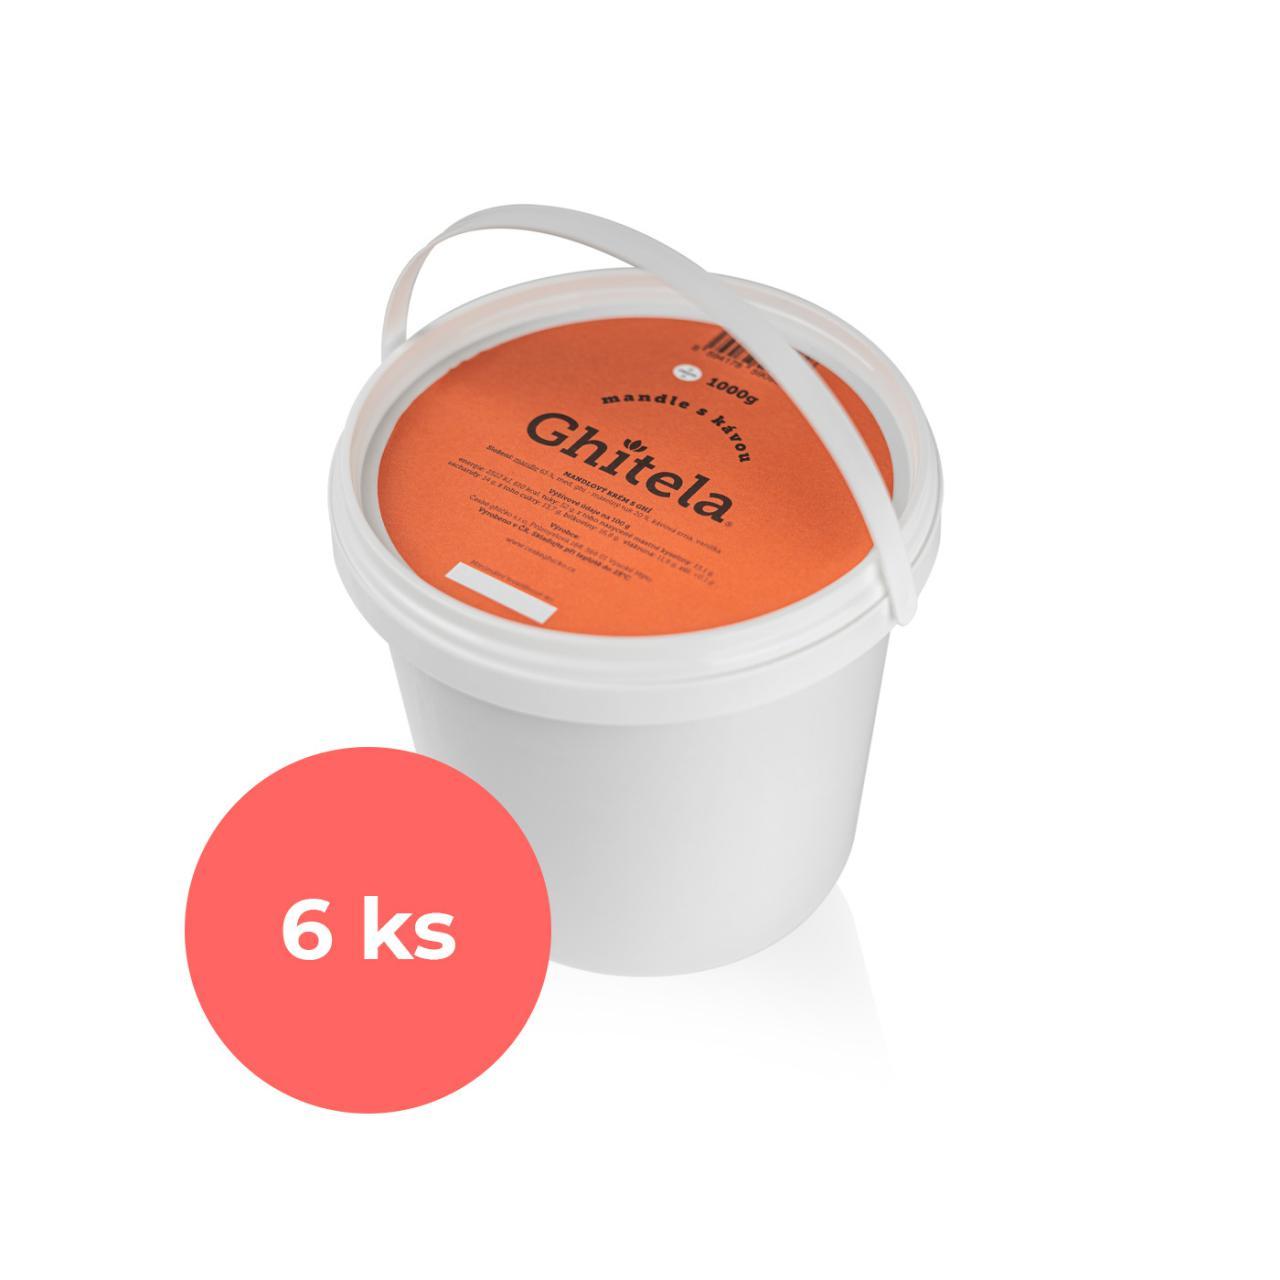 Ghitela® 1000g mandle & káva - karton 6ks